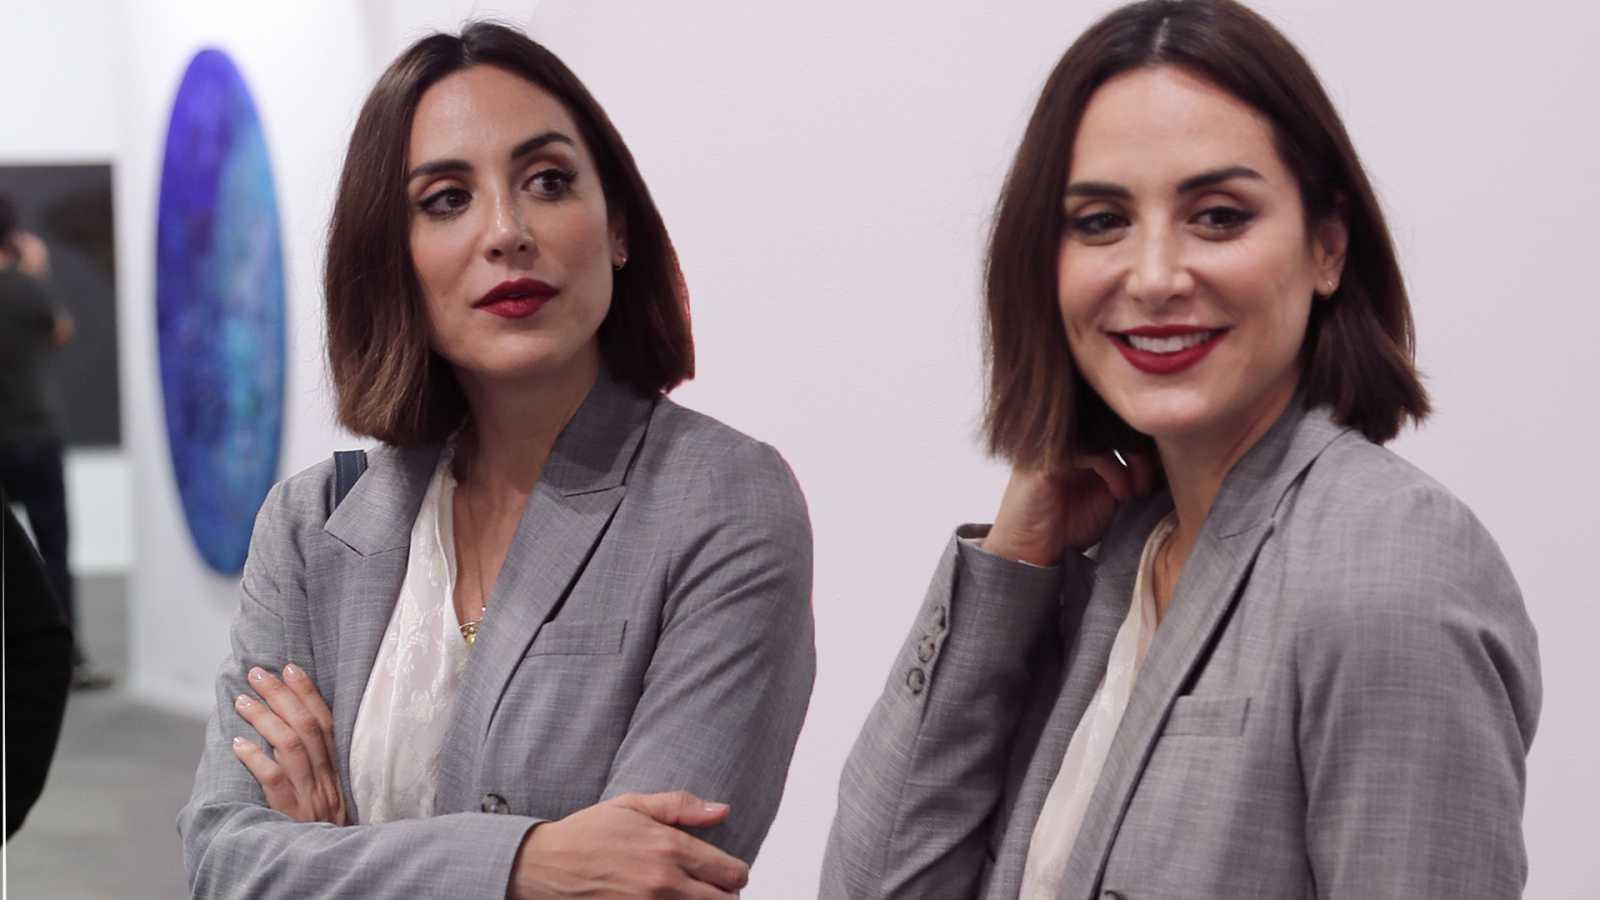 Tamara Falcó da su opinión sobre feminismo y el 8M